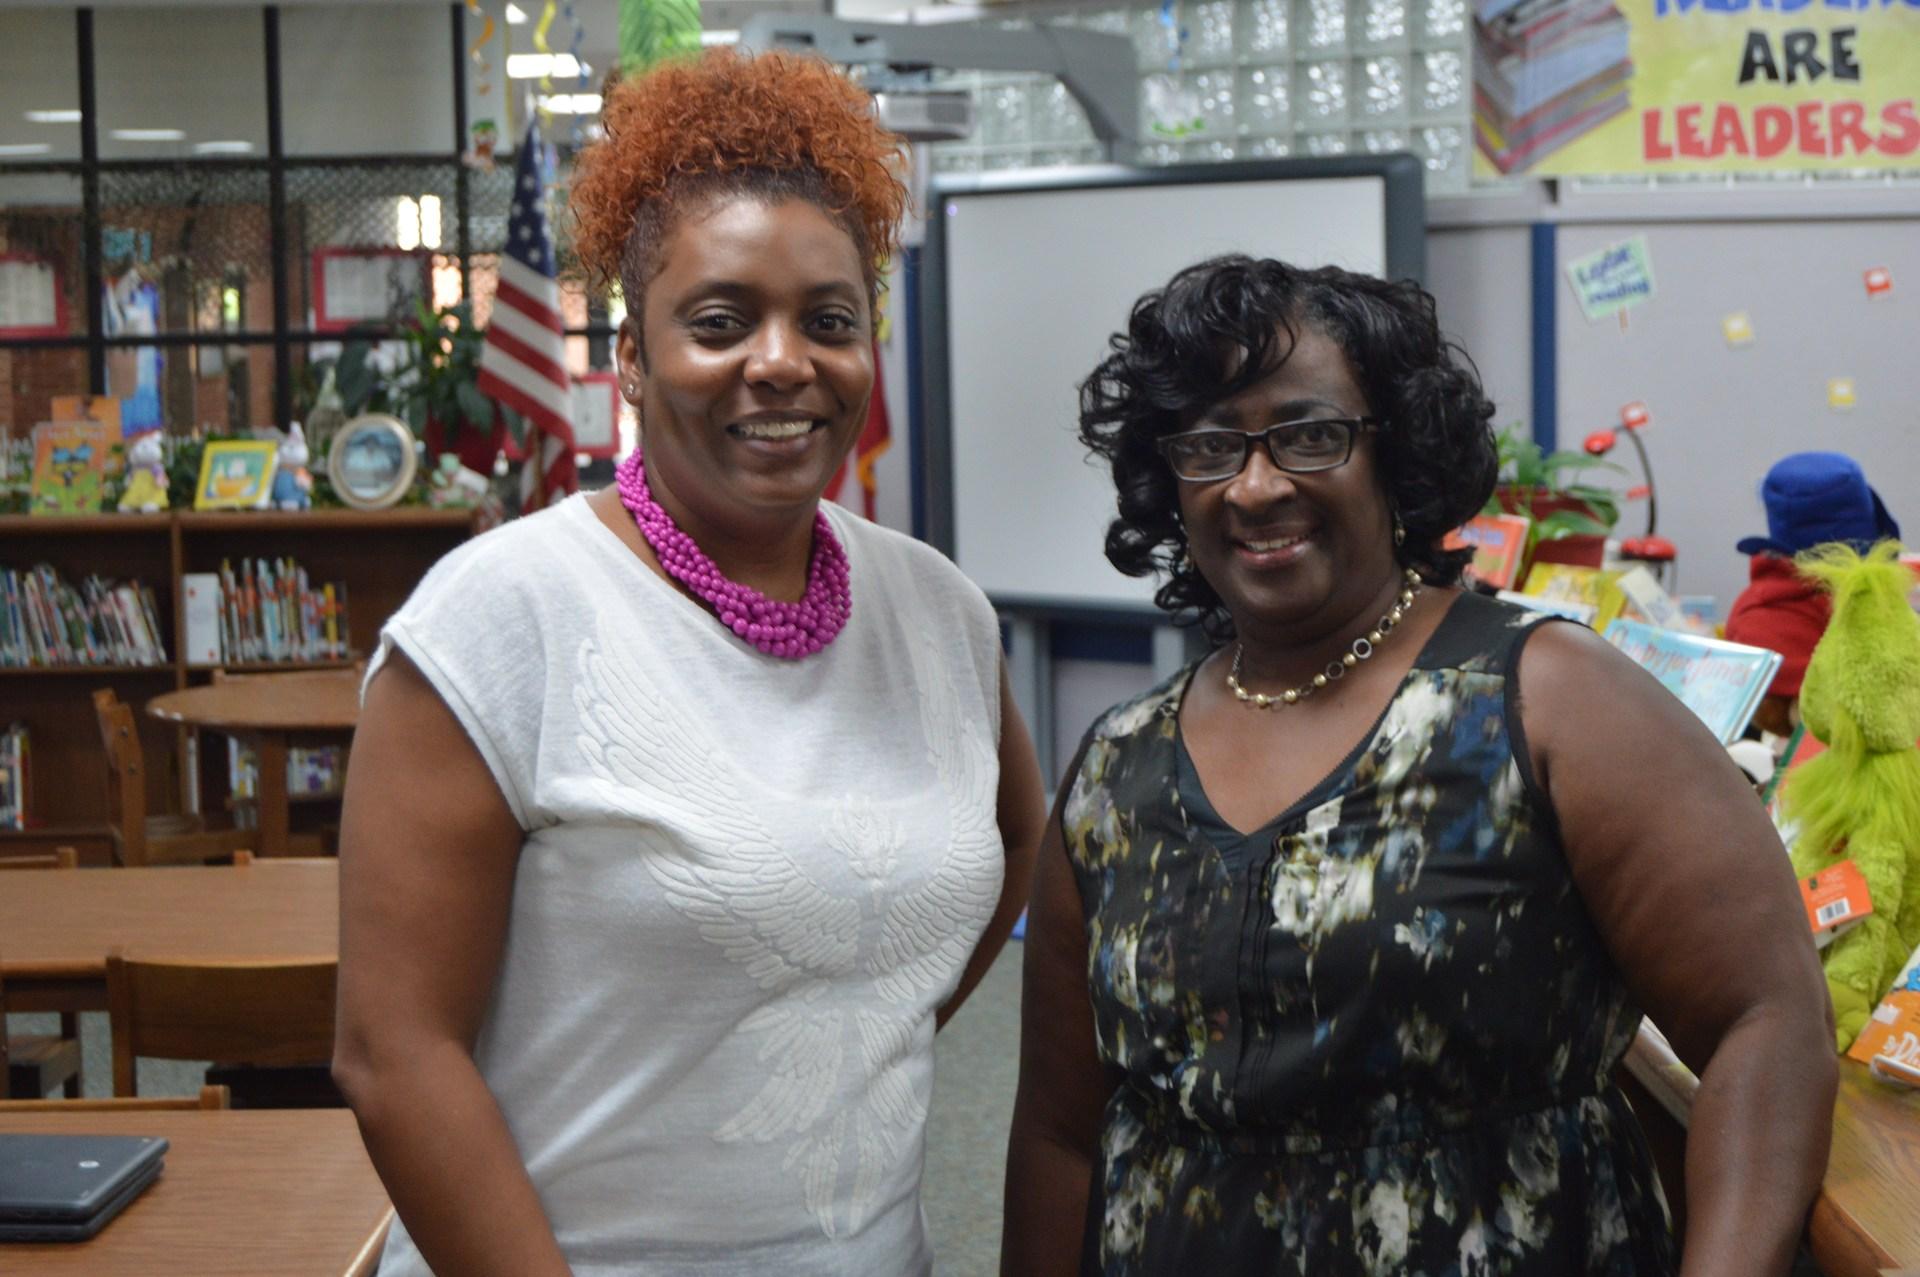 Ms Jenkins and Mrs. Sermons